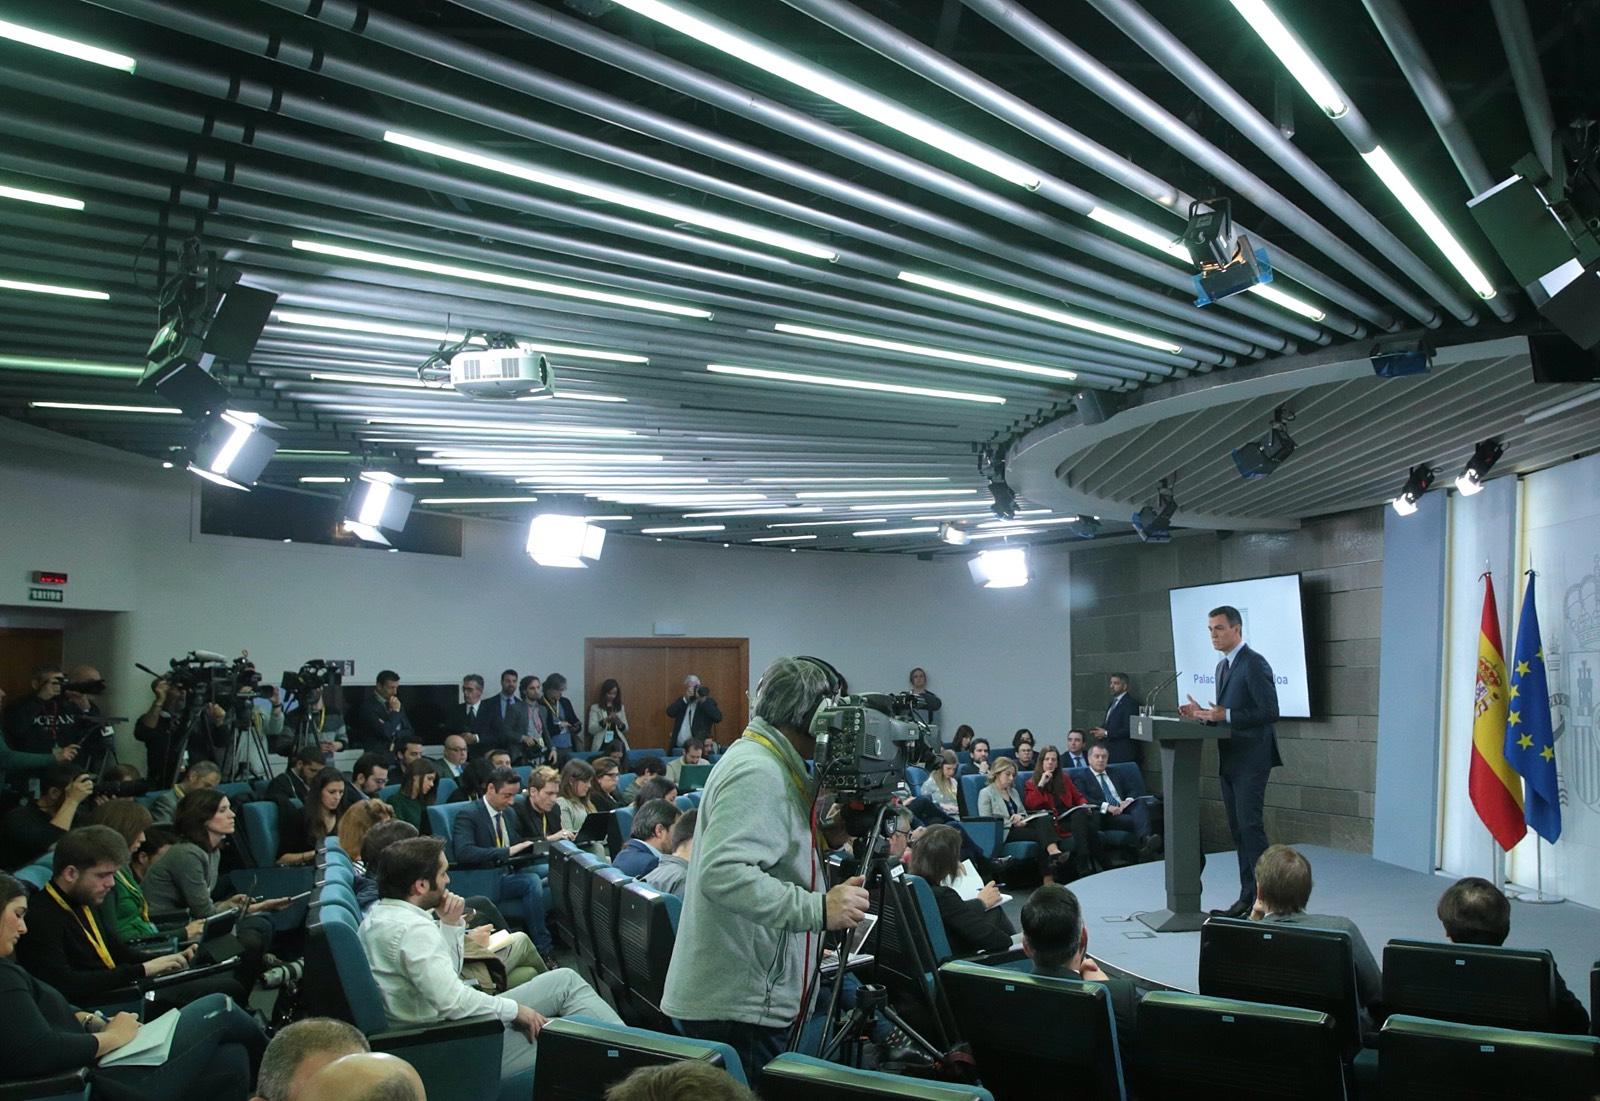 Pedro Sánchez anuncia adelanto de elecciones para el 28 de abril 2019